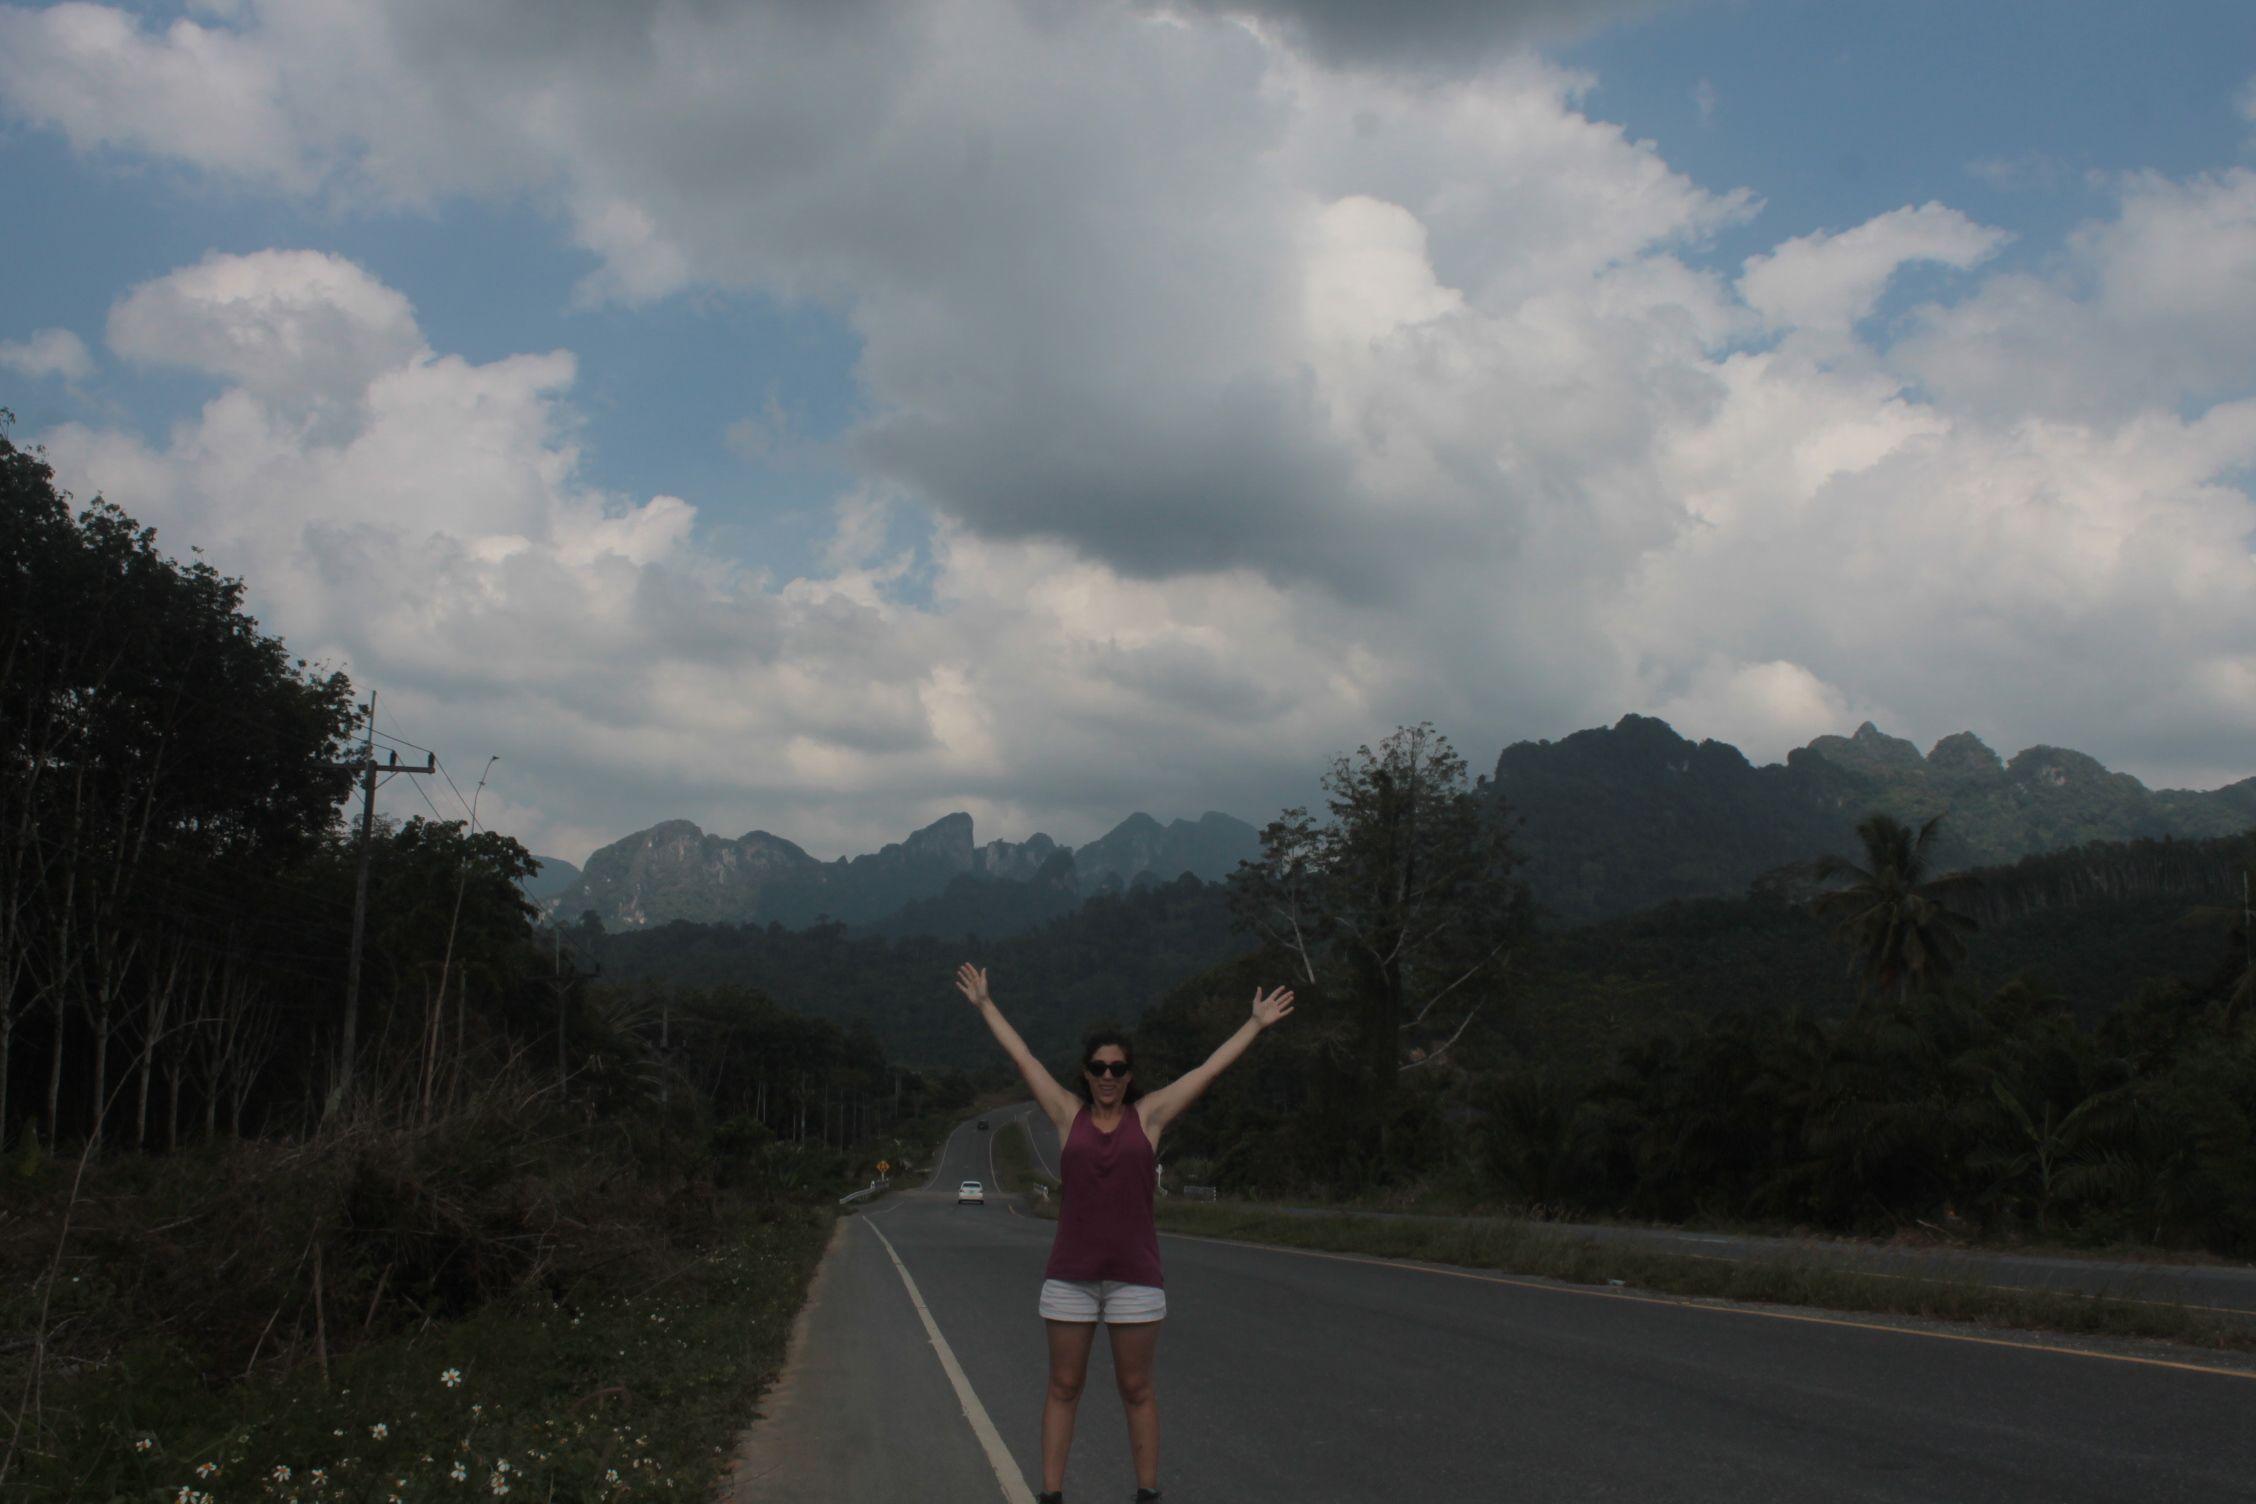 En la carretera entre Panom y Kao Sok